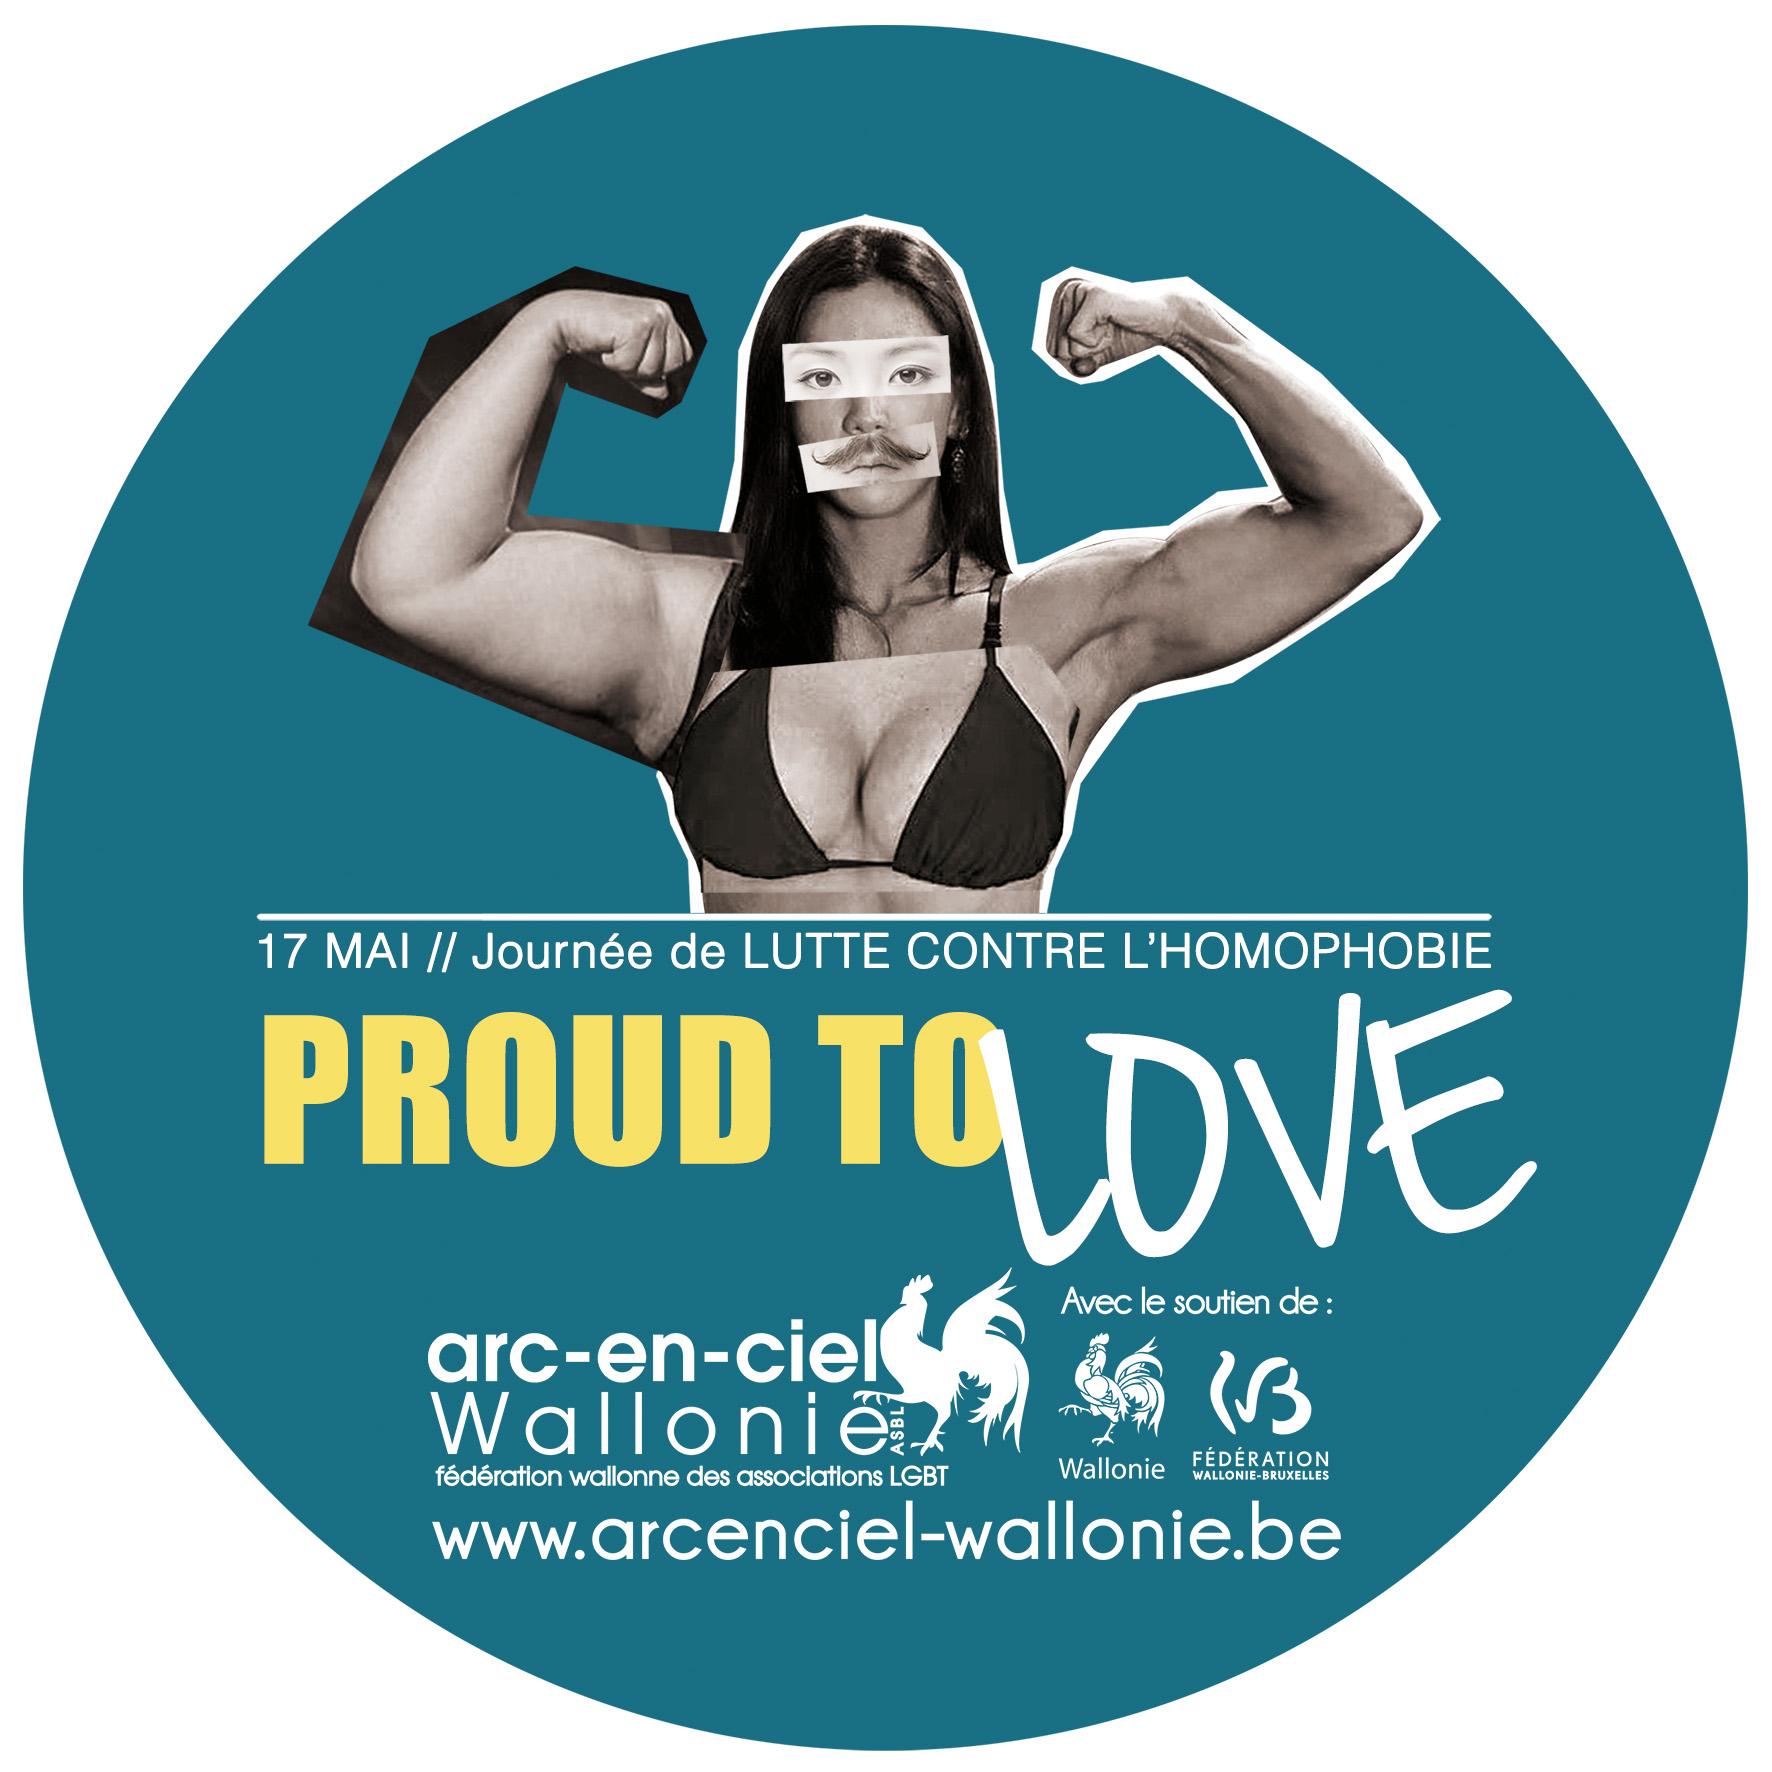 PROUDTOLOVE-Campagne-ARC-EN-CIEL-AngiePir